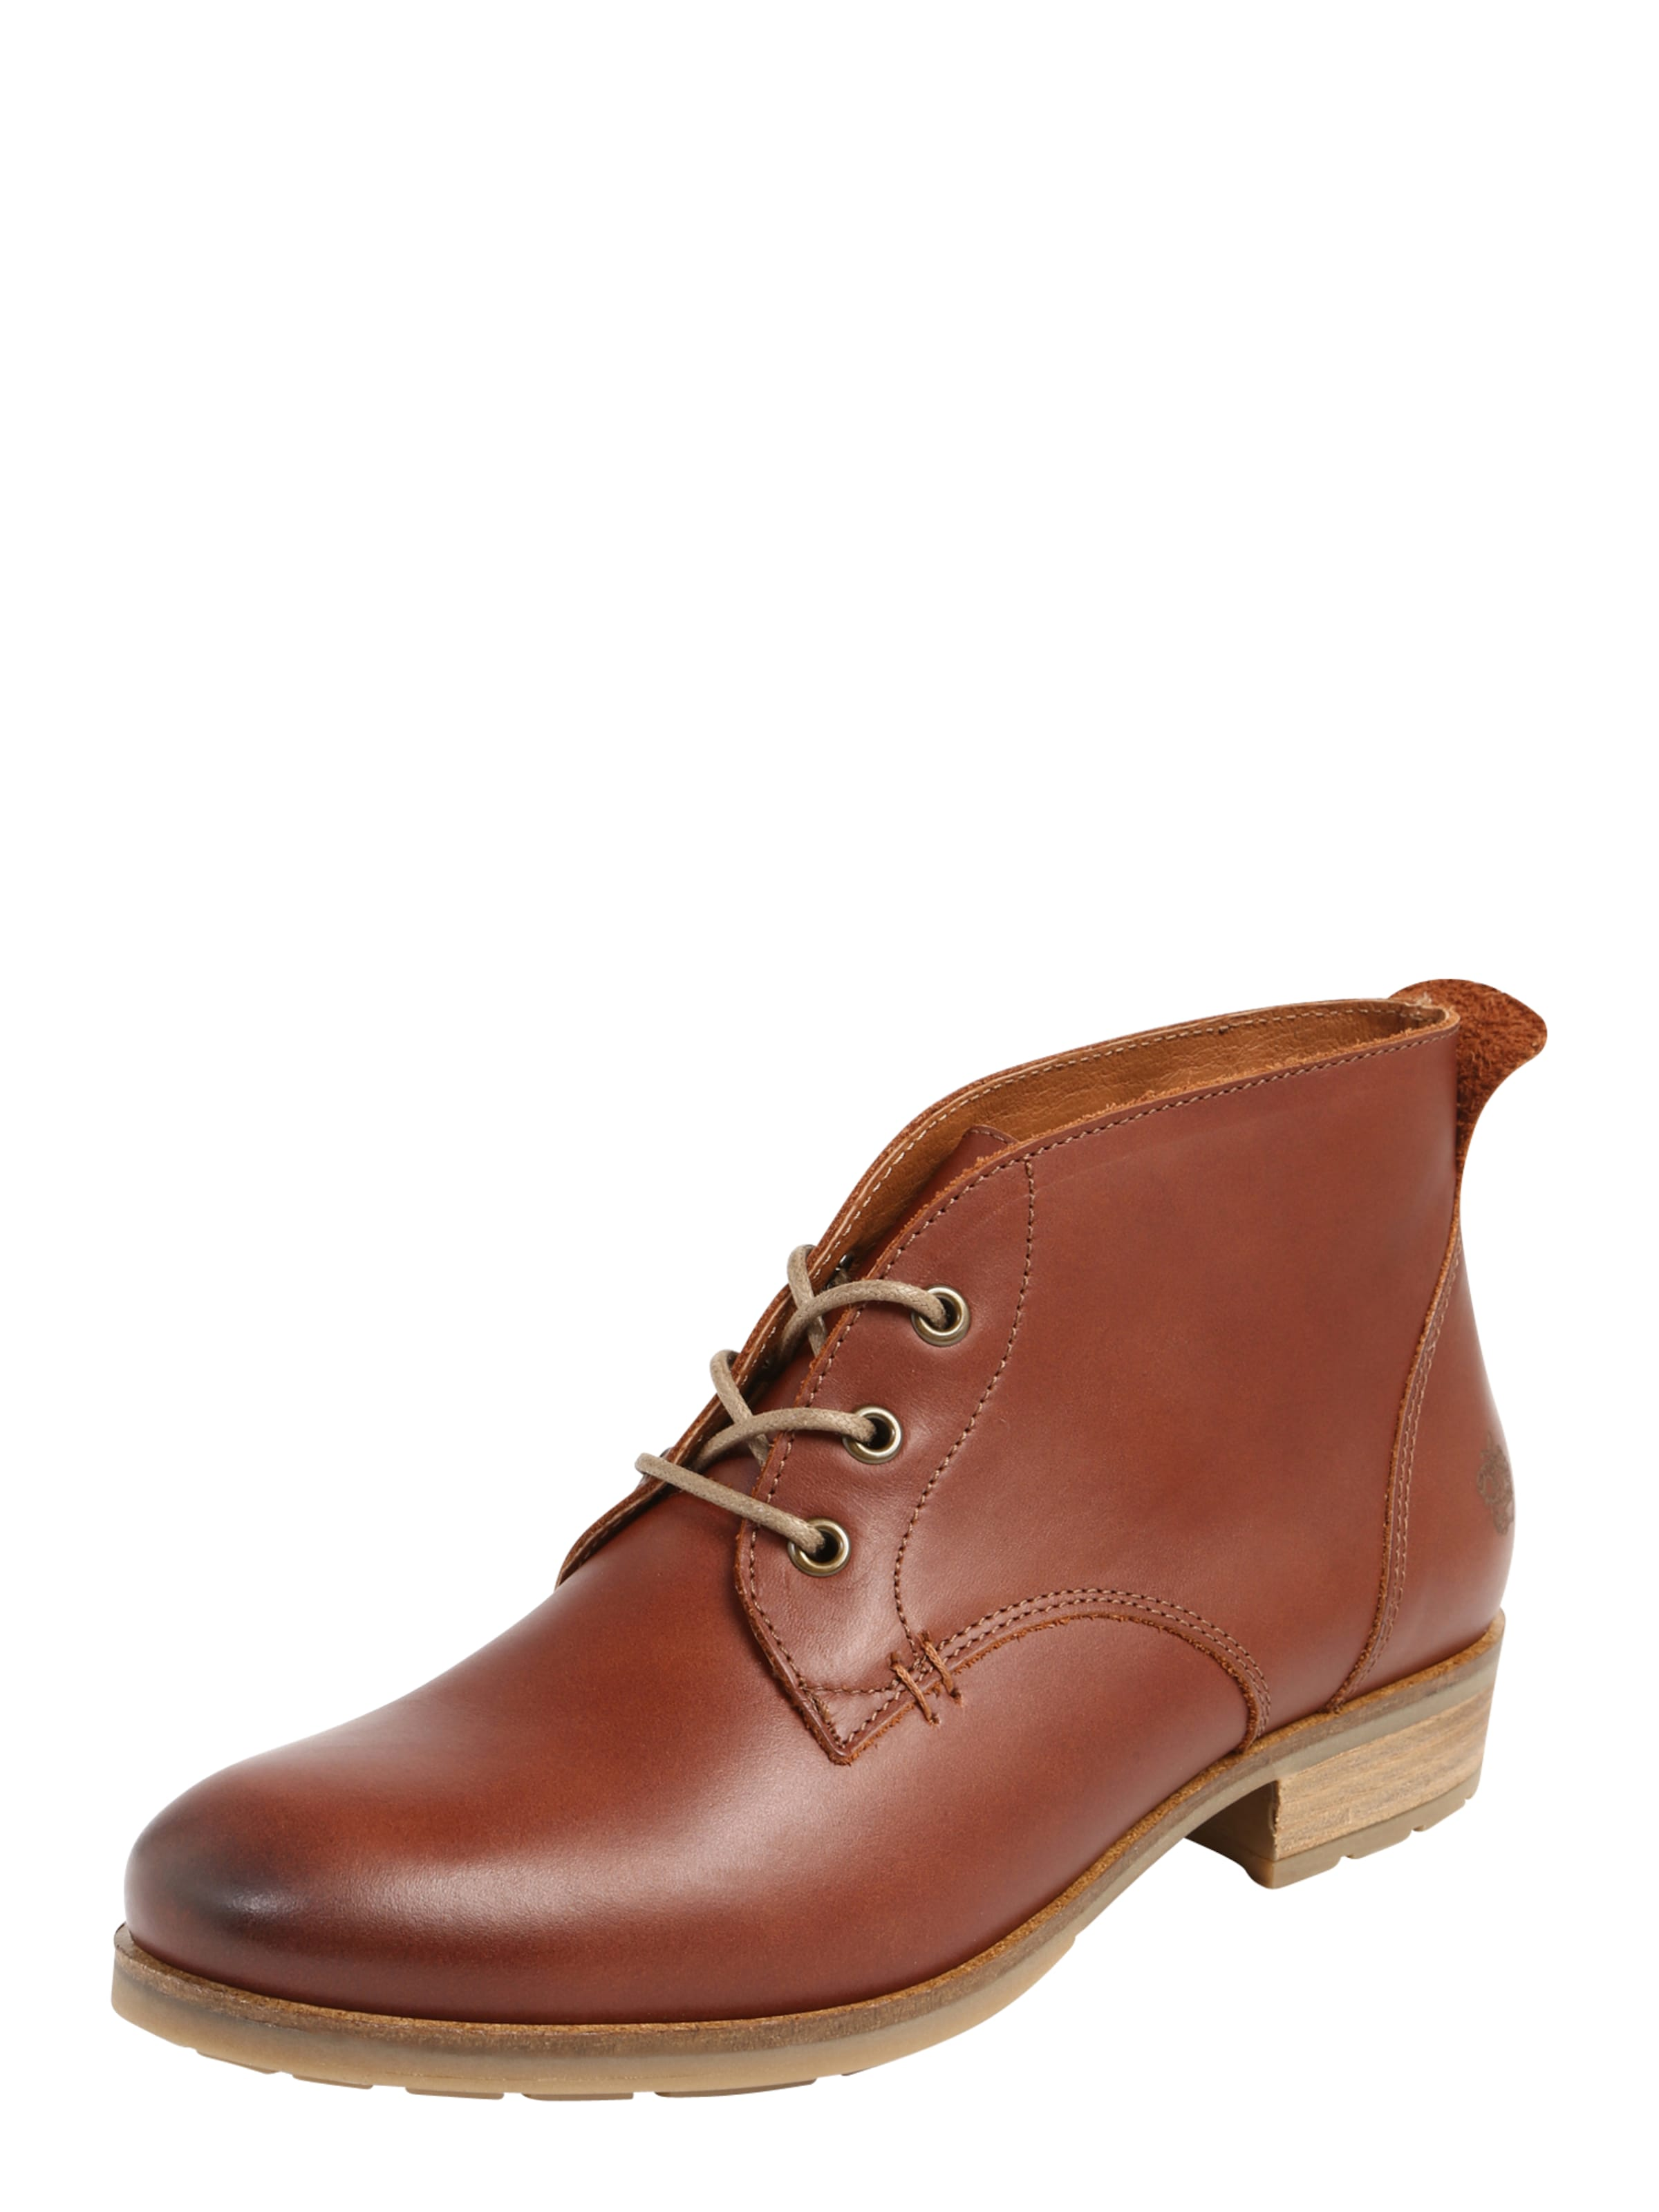 Apple In Of Boot 'bruna' Eden Ankle Braun OP8n0wk